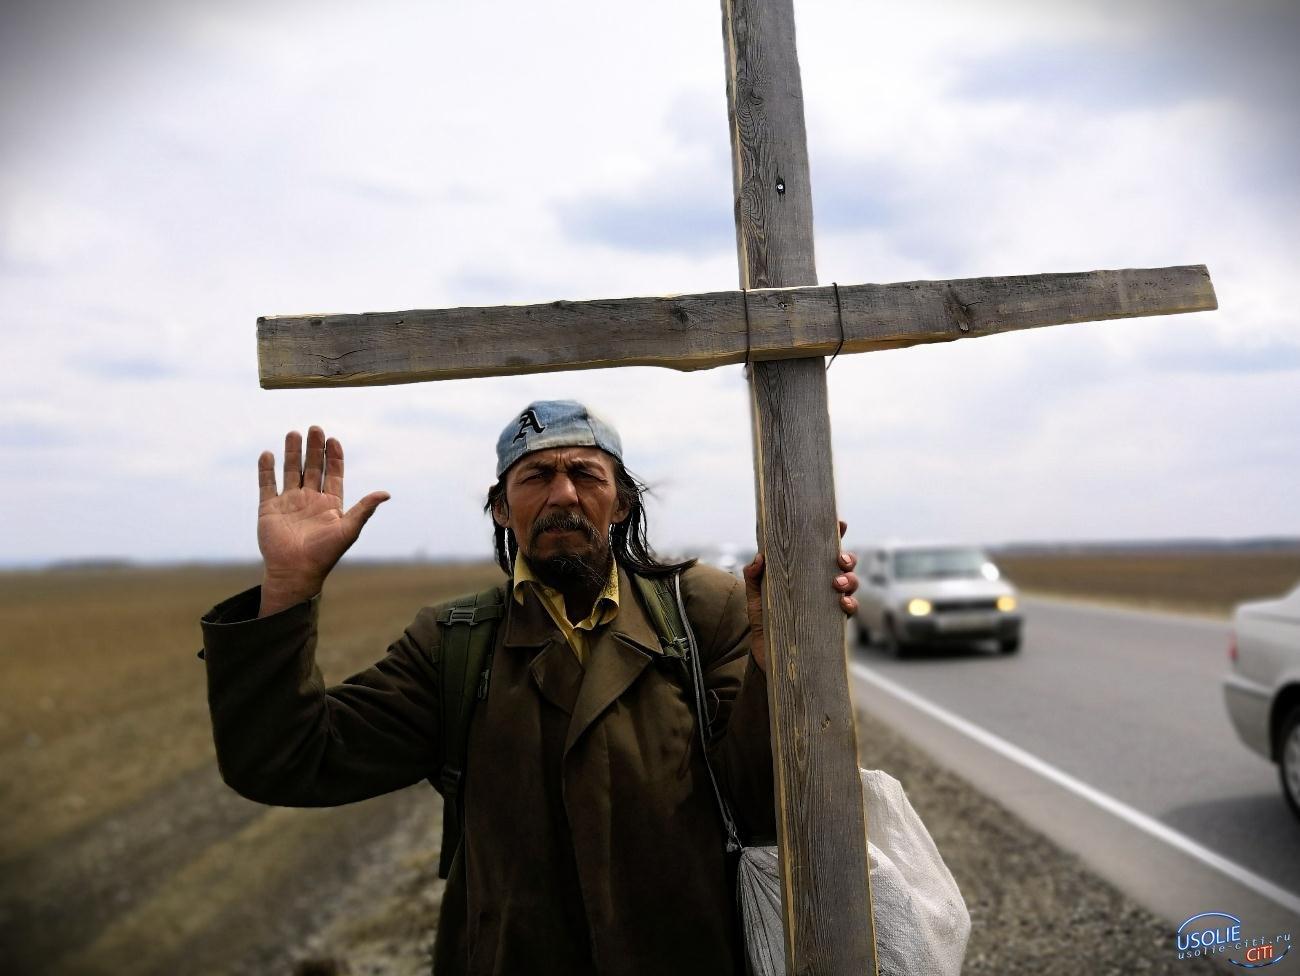 Монах Михаил Смирнов: Бог меня послал тушить пожары в Иркутской области